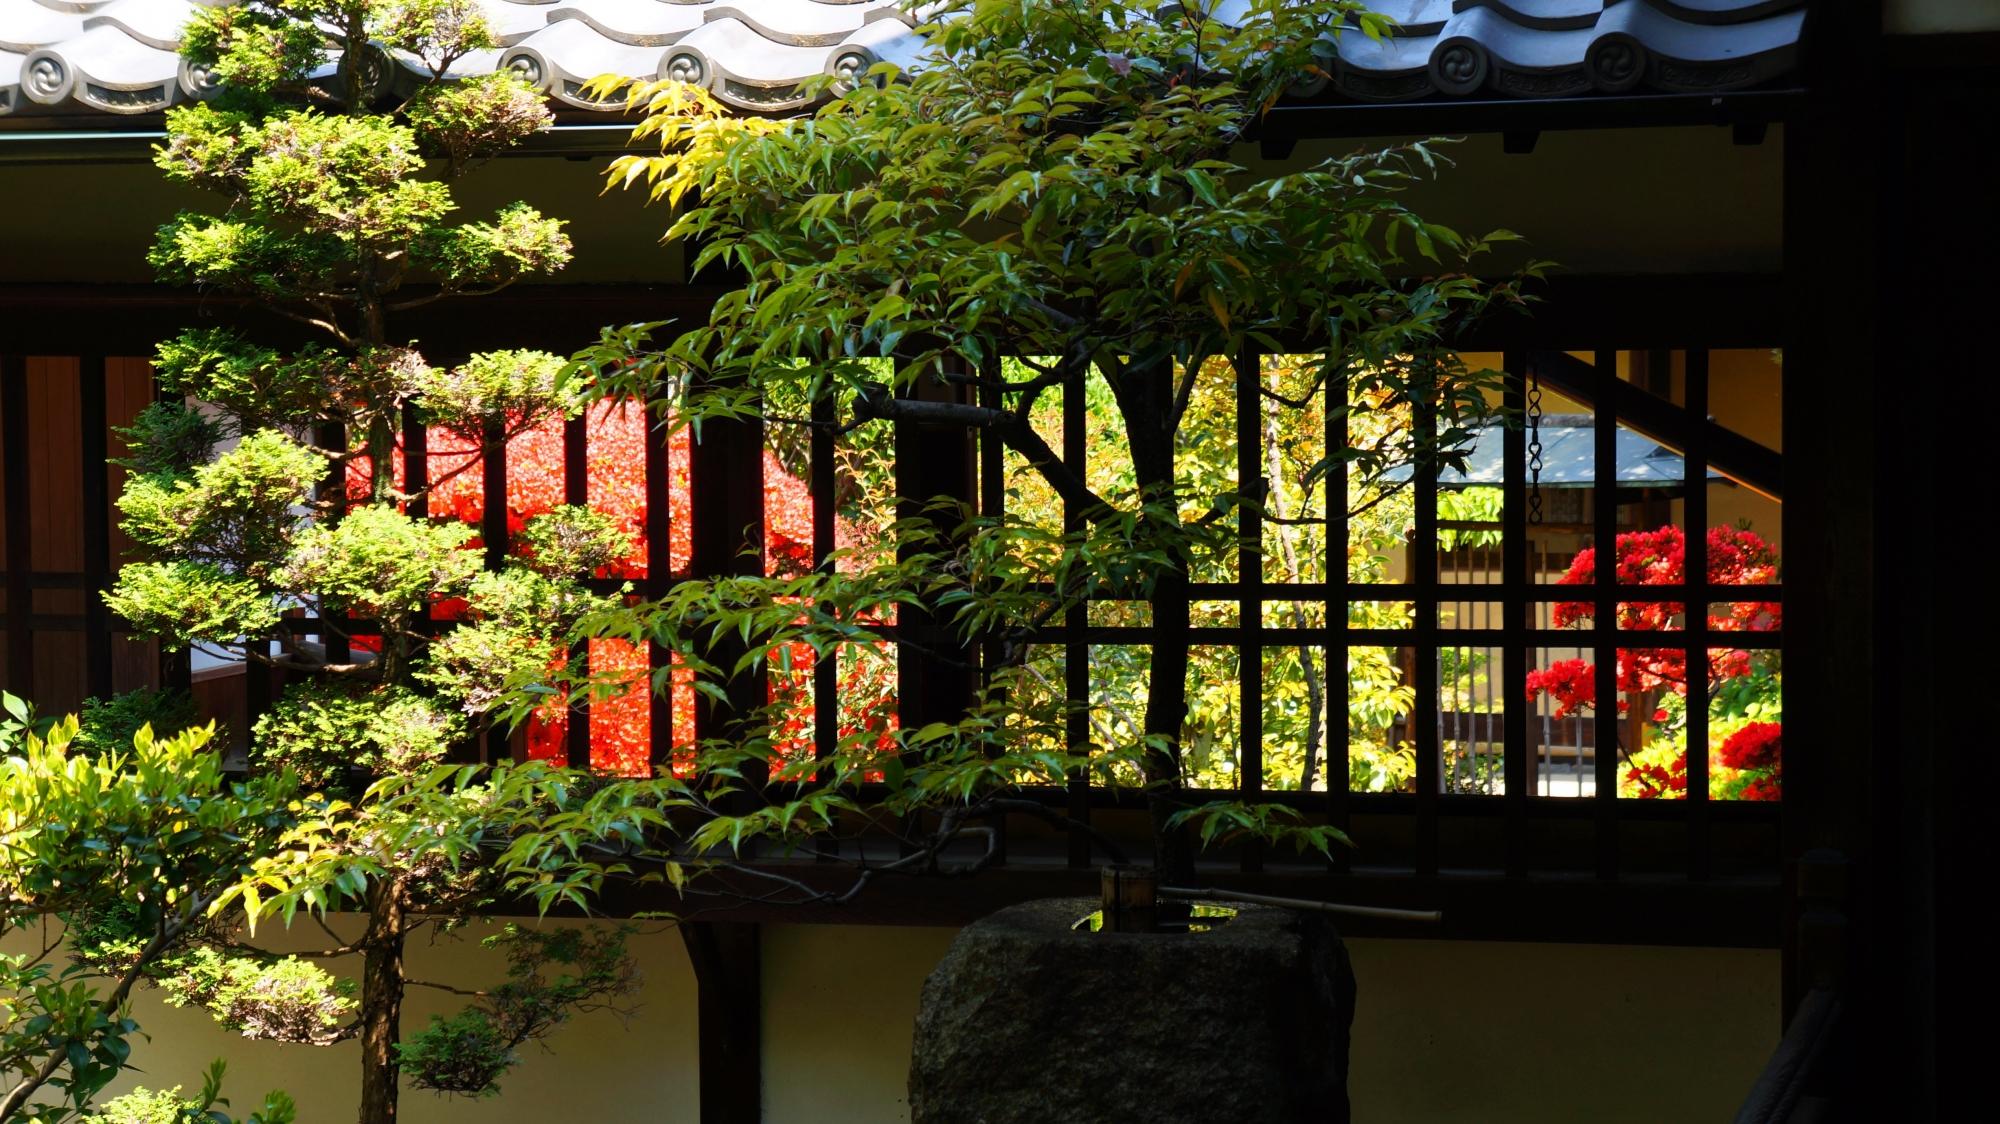 正伝永源院の奥に茶室のある北側の庭園